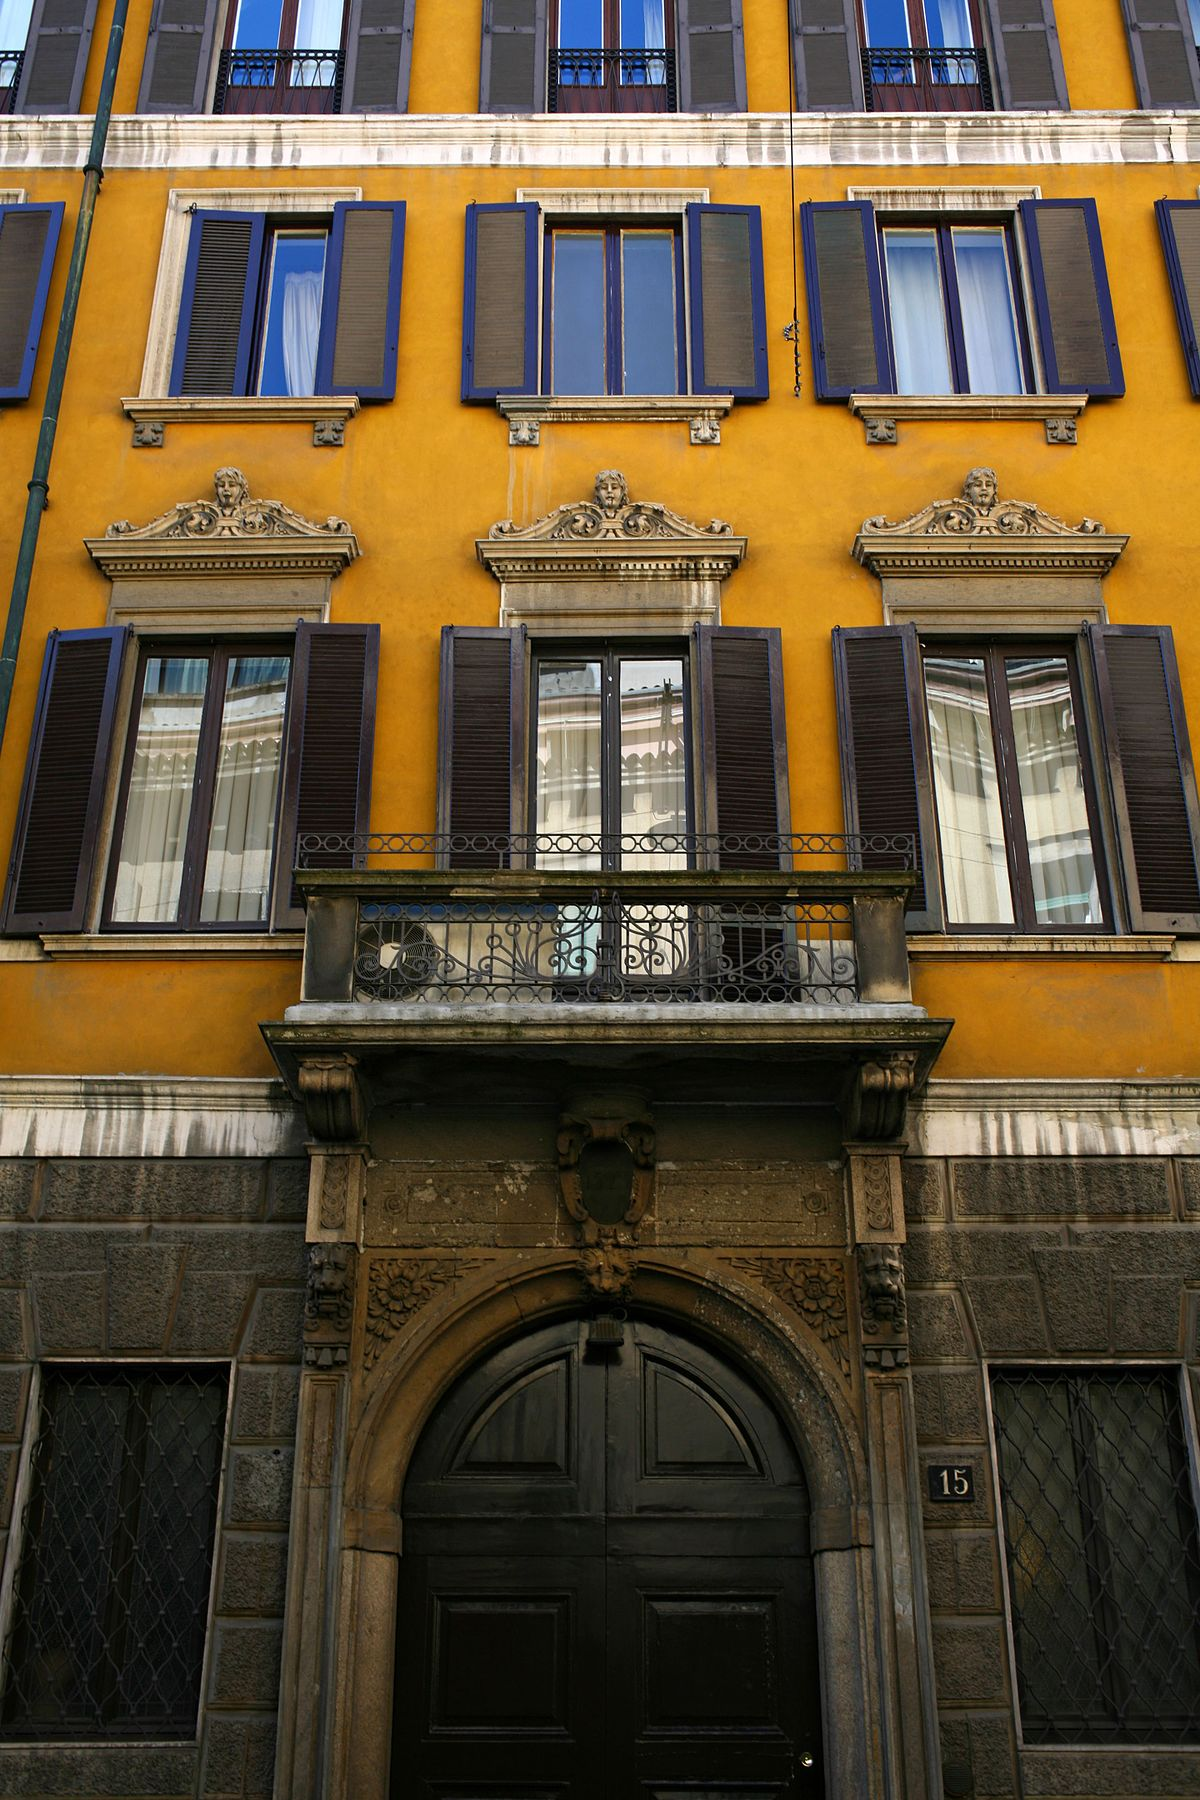 Palazzo recalcati tagliasacchi wikipedia for Piani di palazzi contemporanei